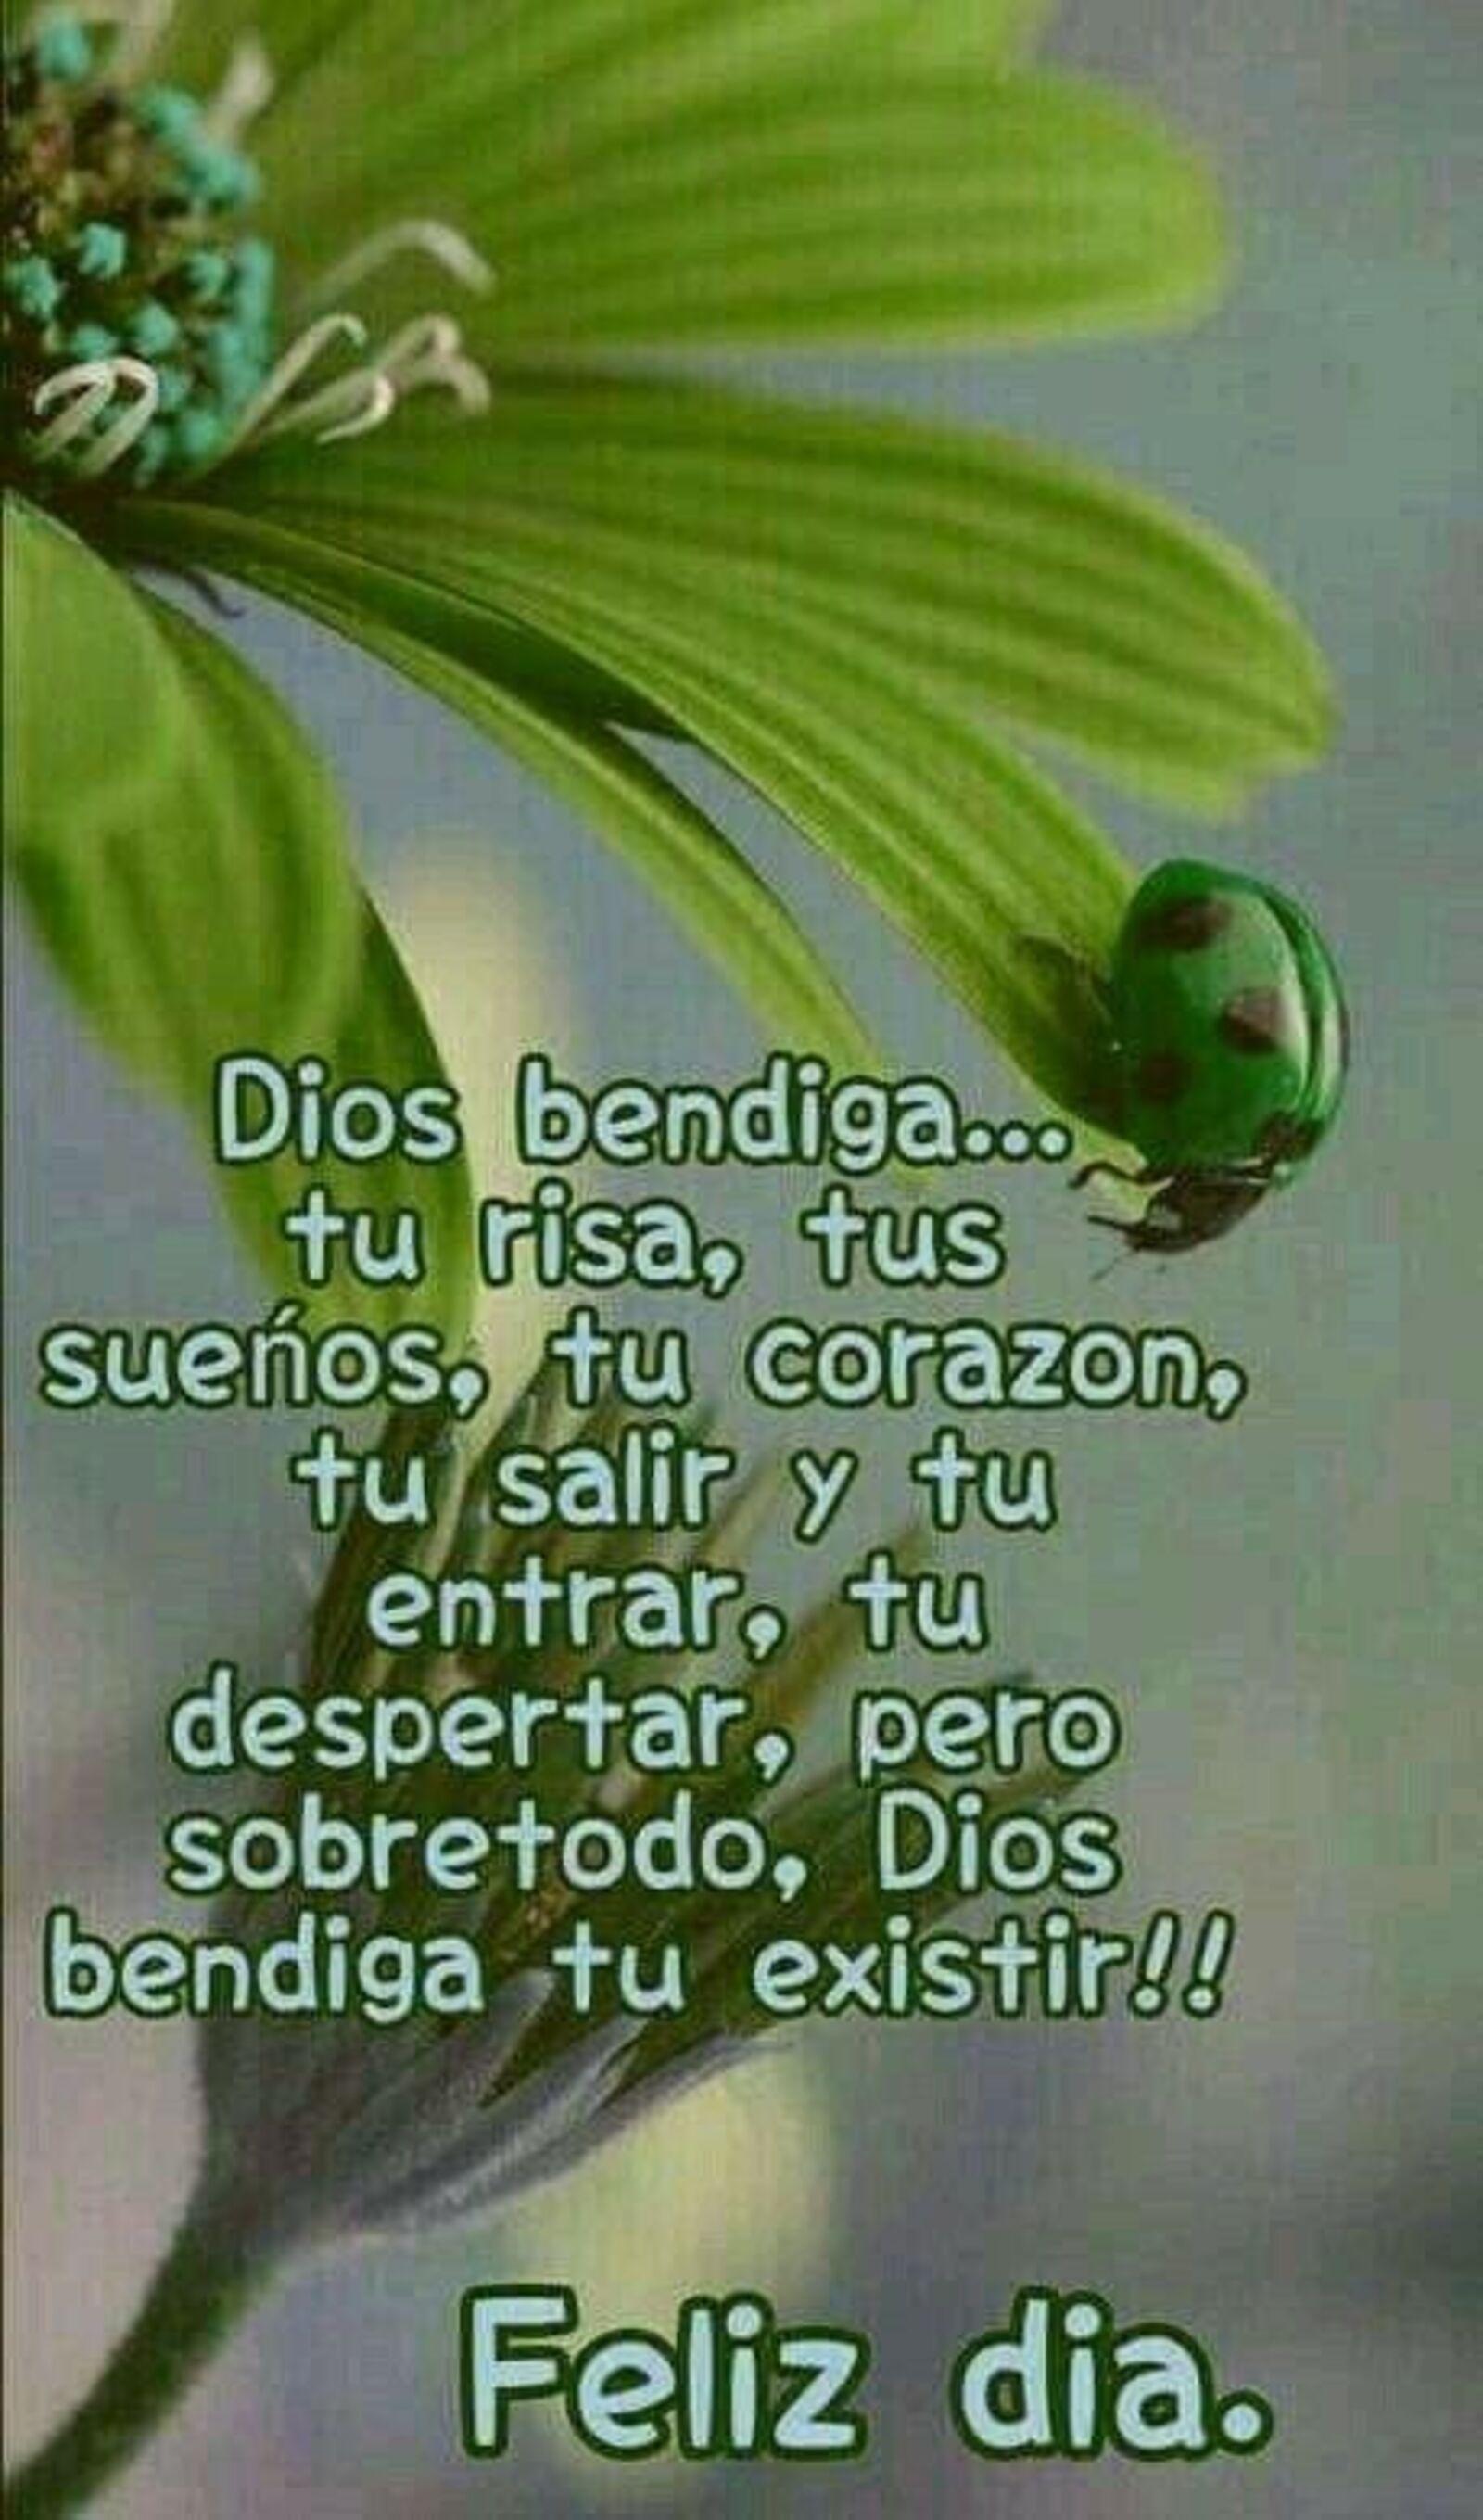 Dios bendiga...tu risa, tus sueños, tu corazón, tu salir y tu entrar, tu despertar, pero sobretodo, Dios te bendiga tu existir!! Feliz día